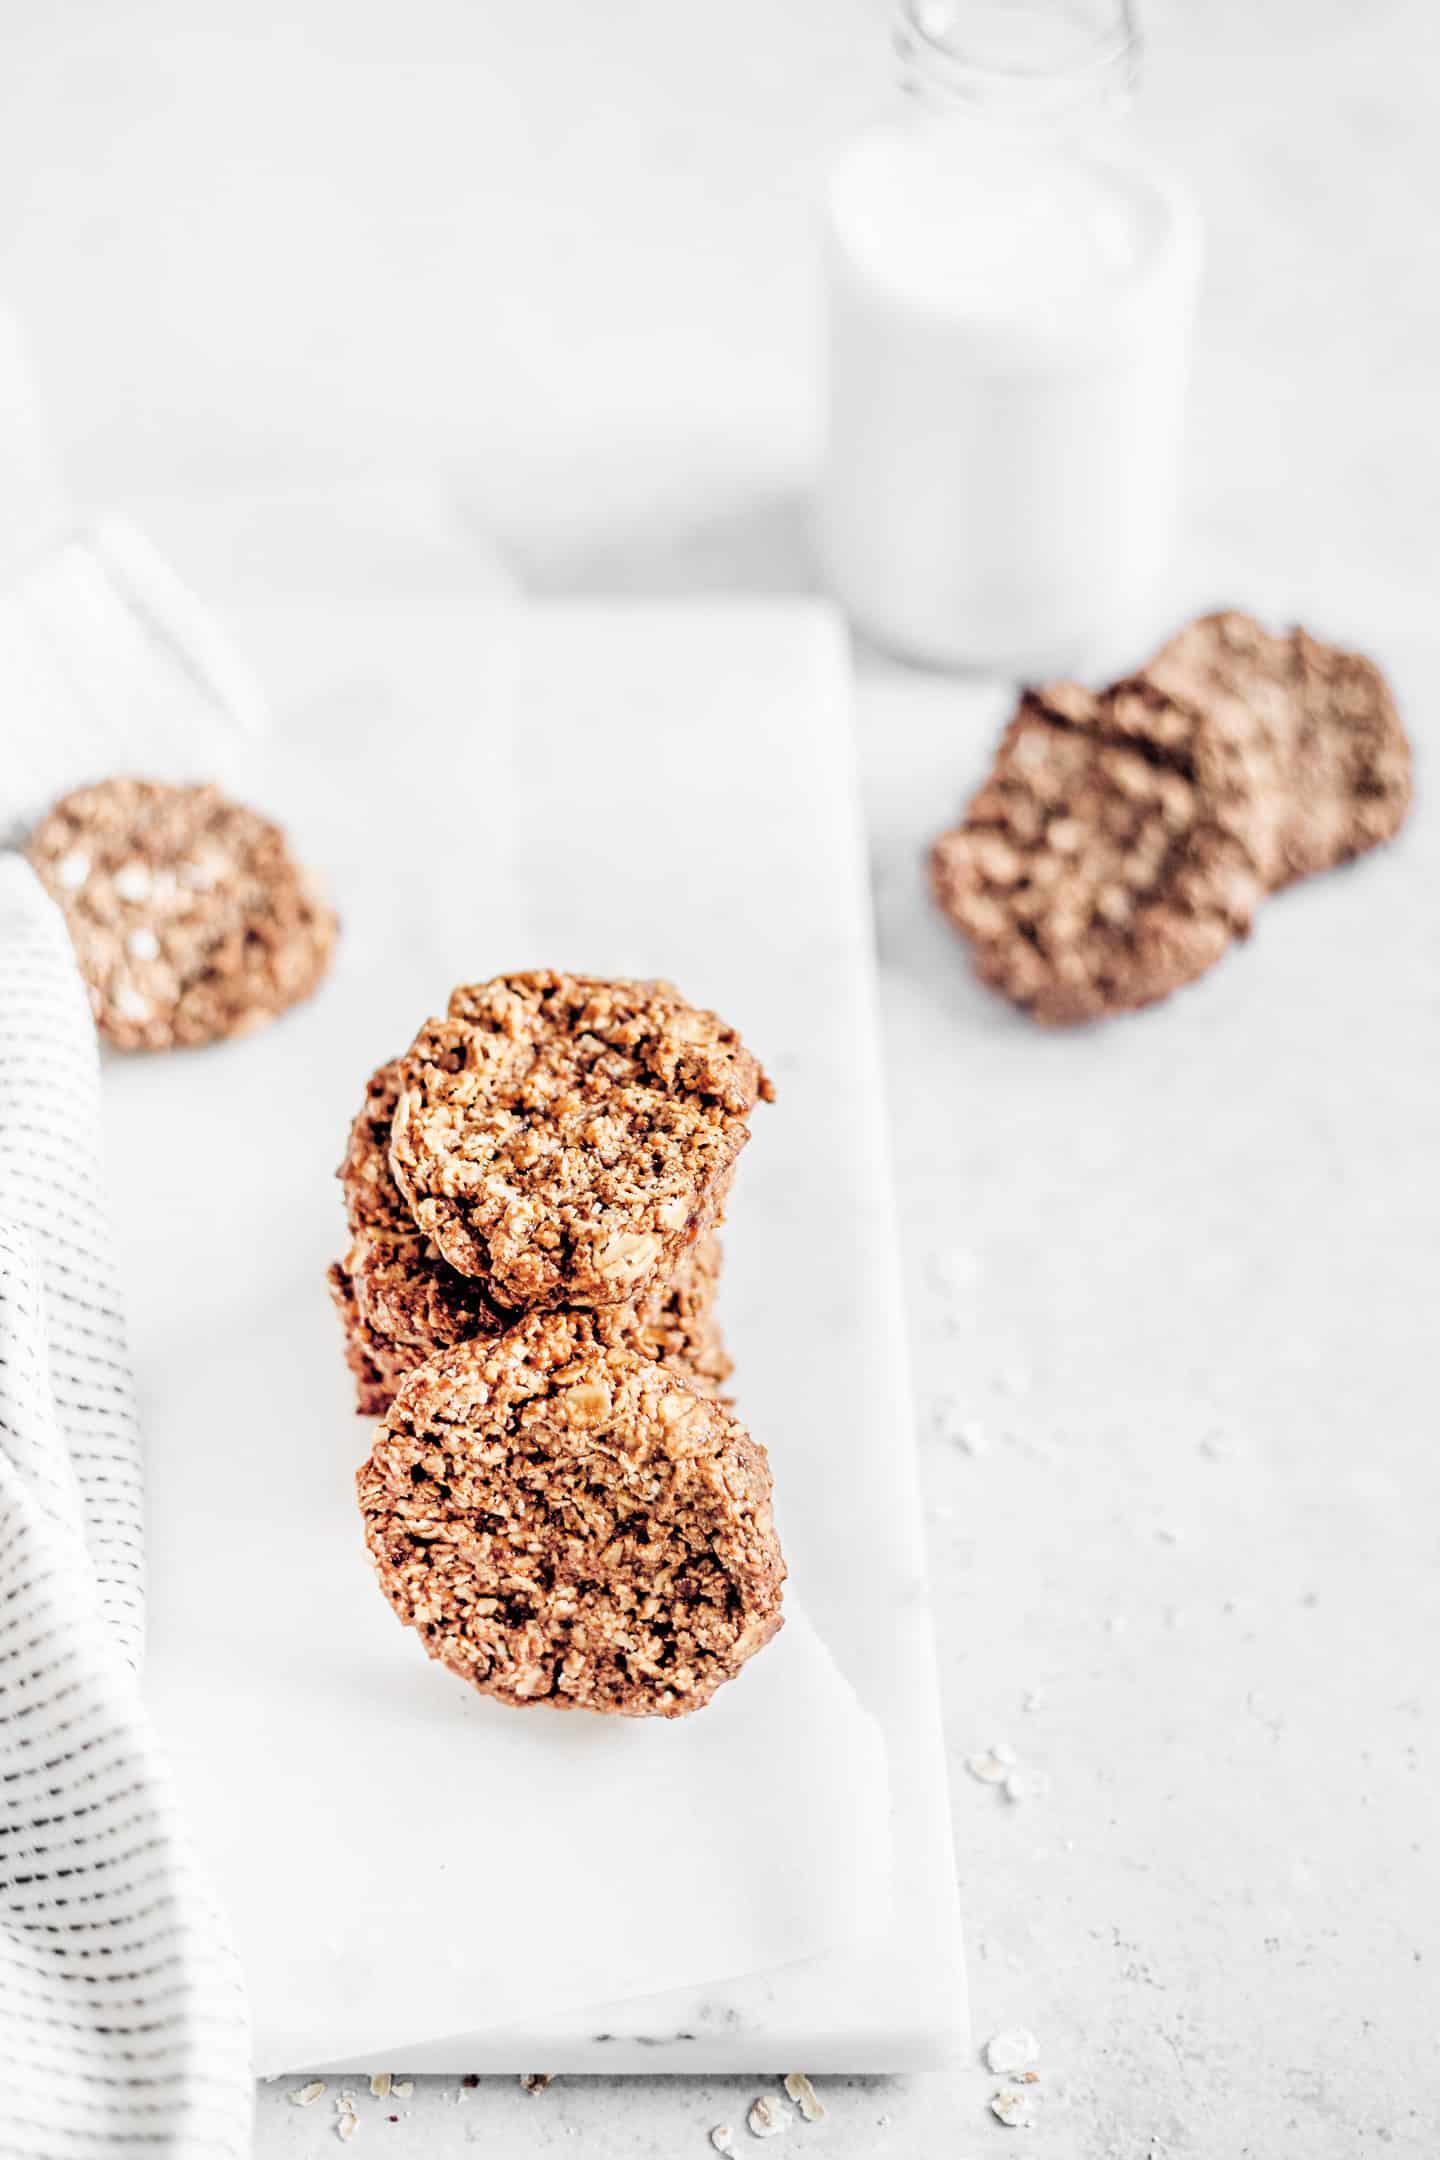 Recette des biscuits à la purée d'amanes et flocons d'avoine